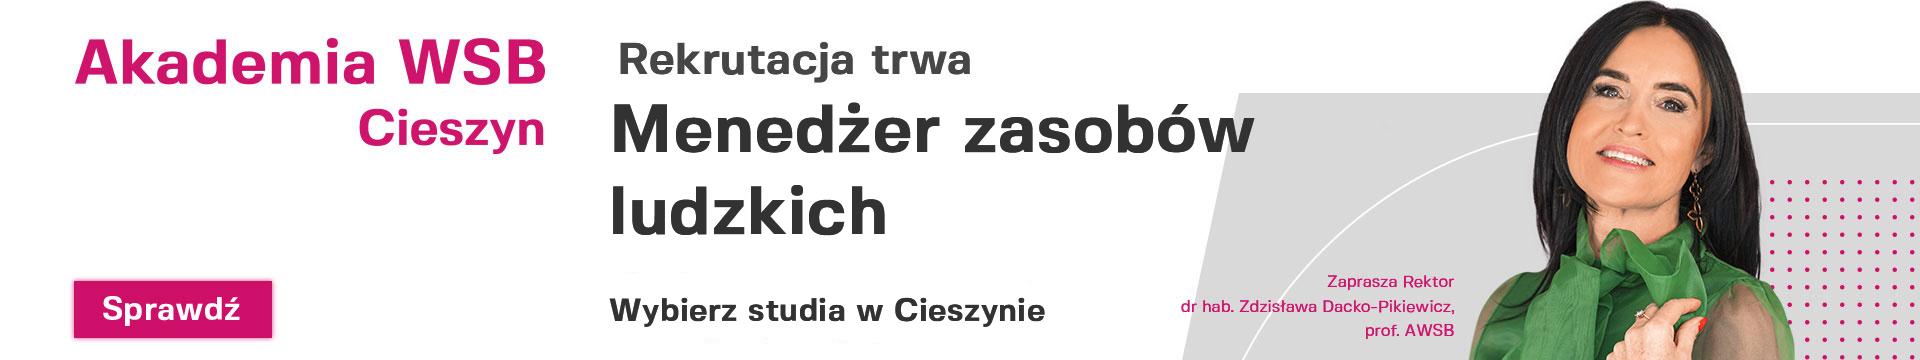 WSB_zas_d